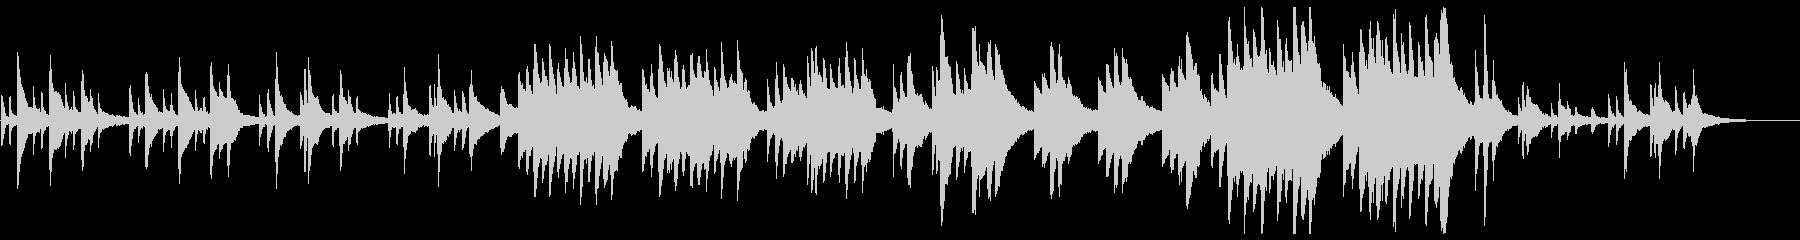 和を意識したピアノ曲の未再生の波形